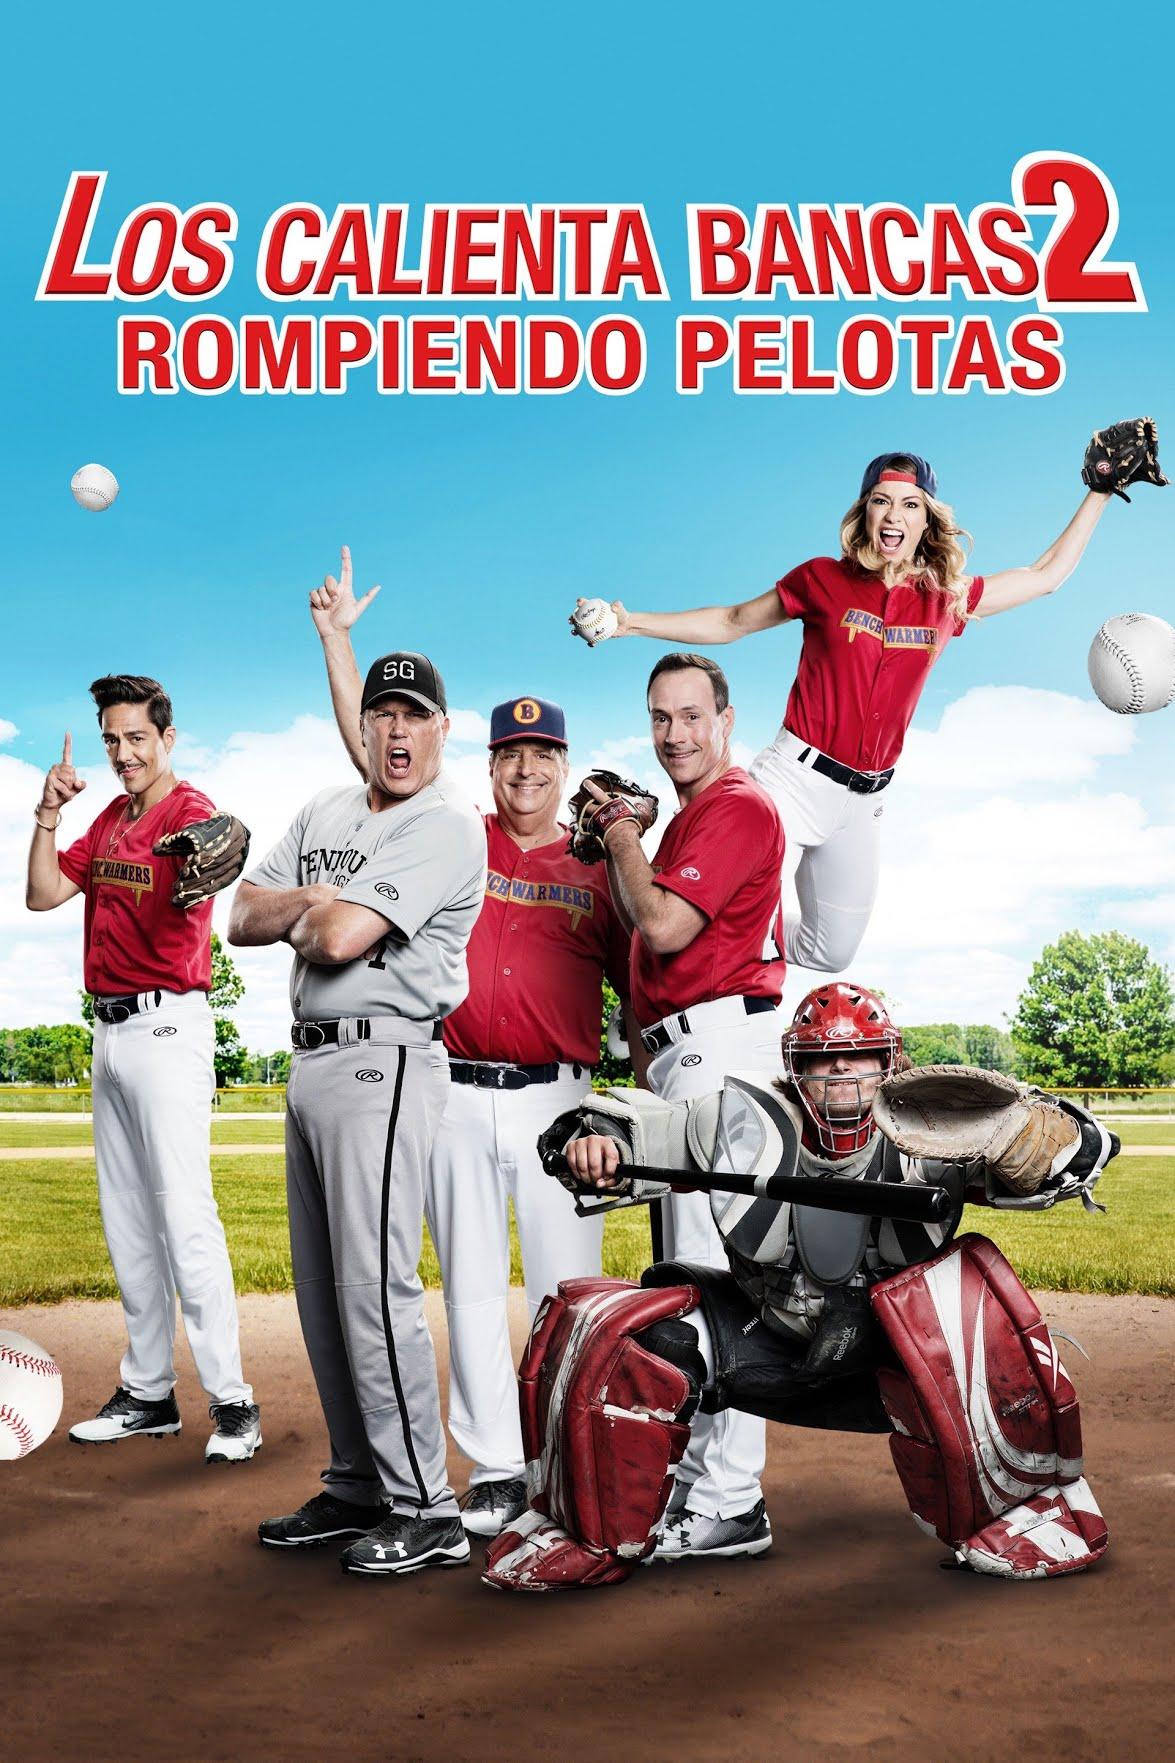 Los calienta bancas 2: Rompiendo pelotas